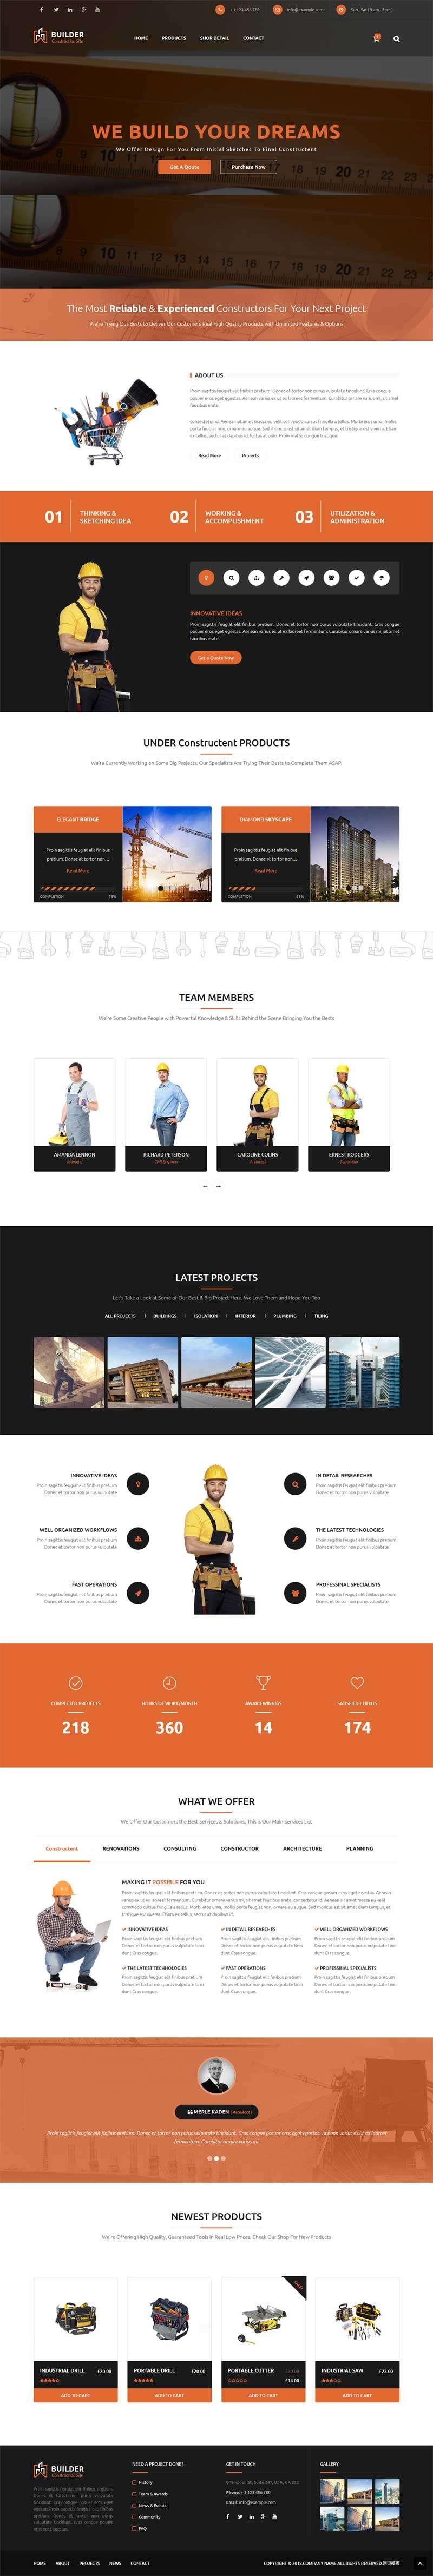 大气的建筑工程勘察设计公司网站模板